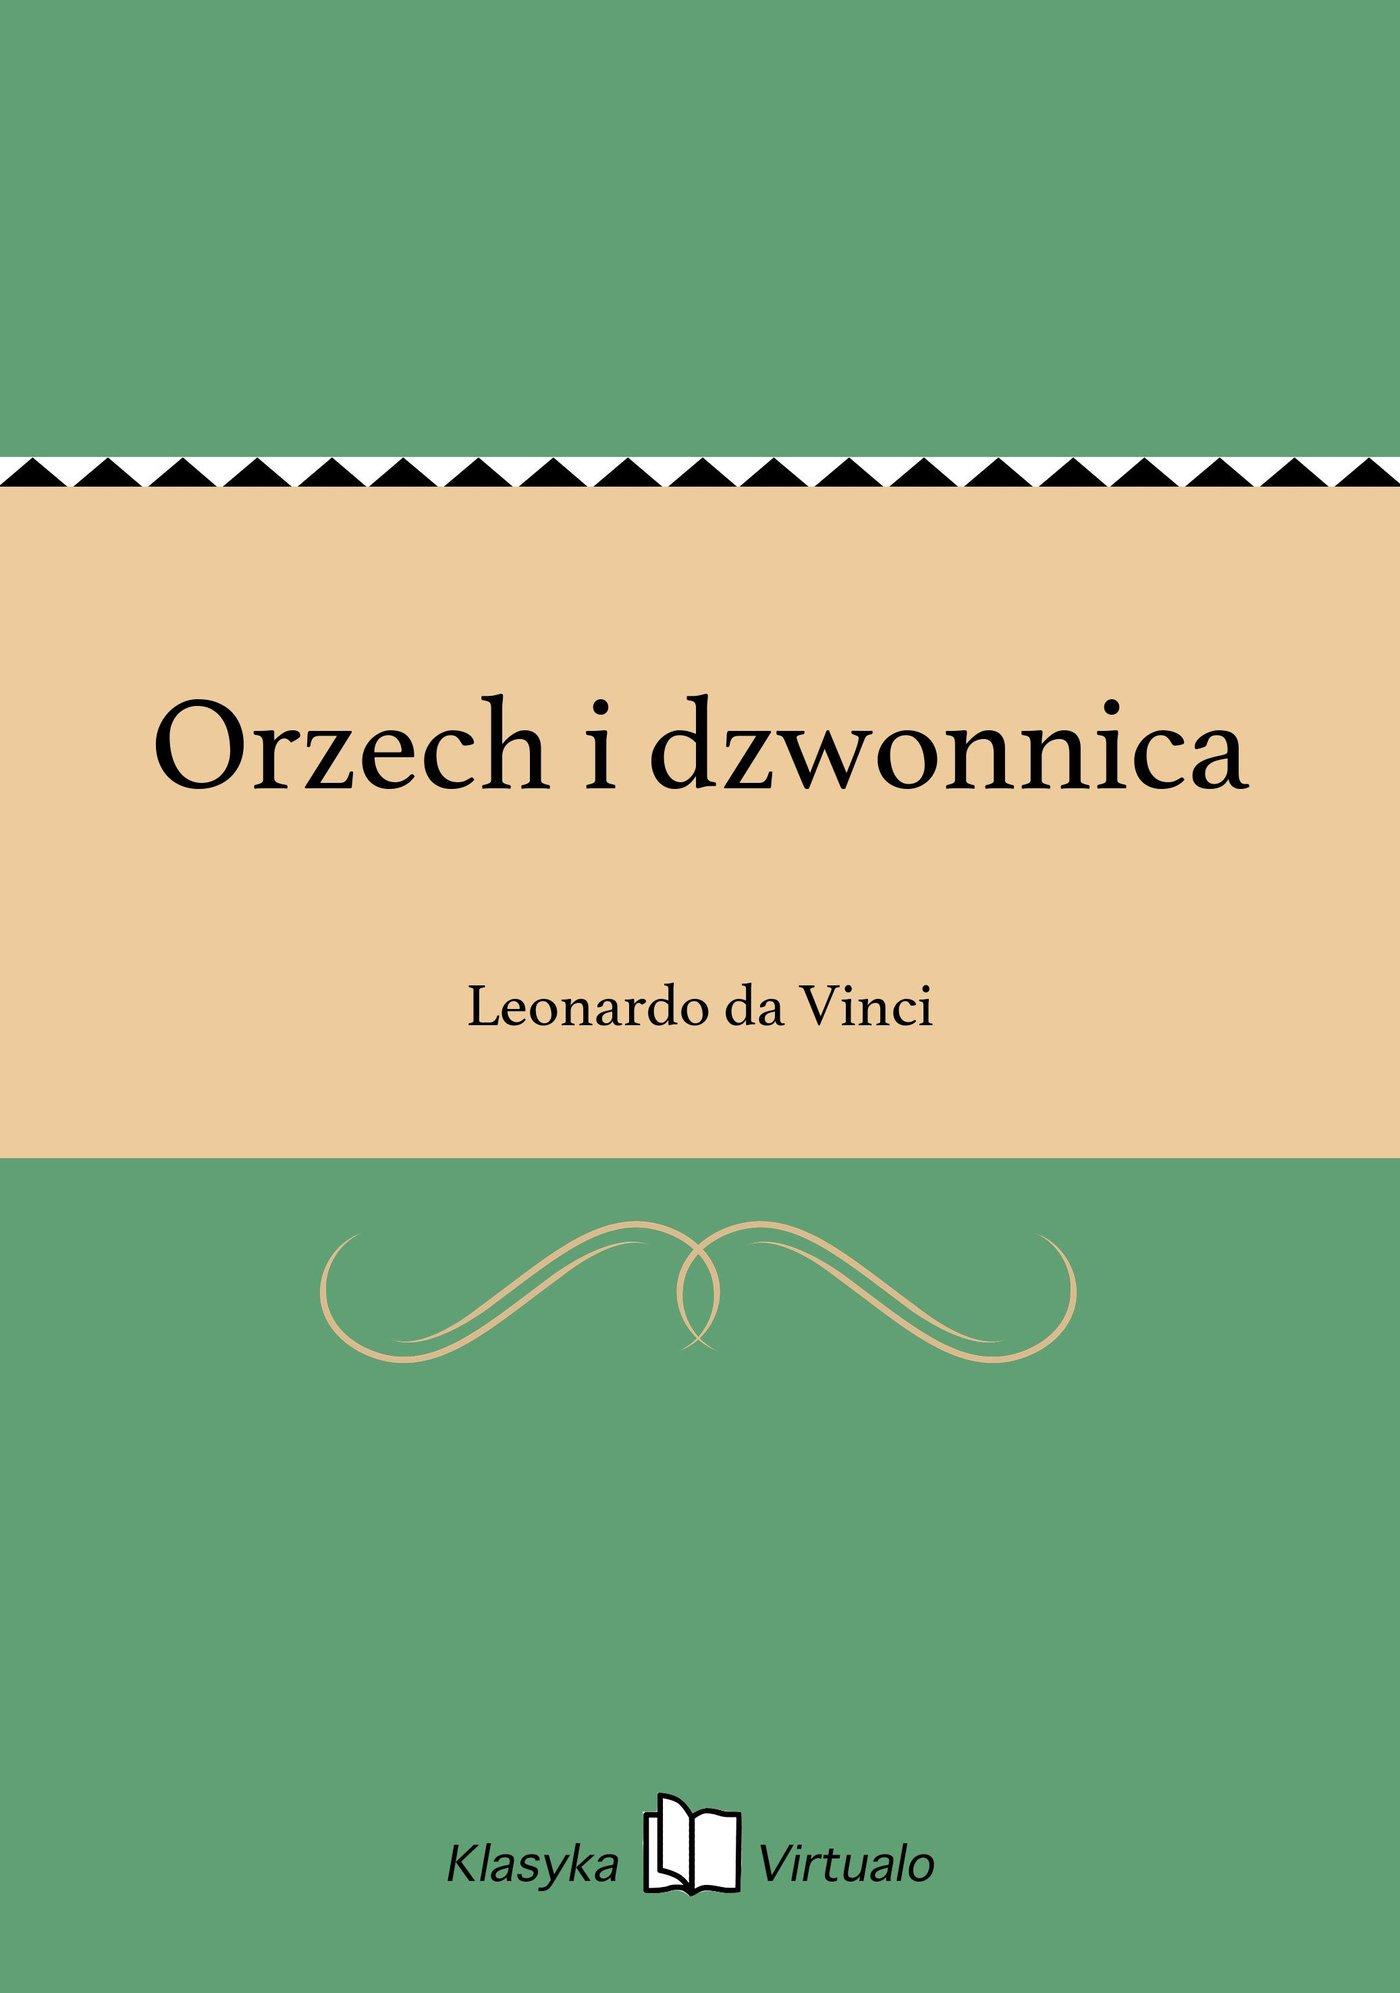 Orzech i dzwonnica - Ebook (Książka EPUB) do pobrania w formacie EPUB